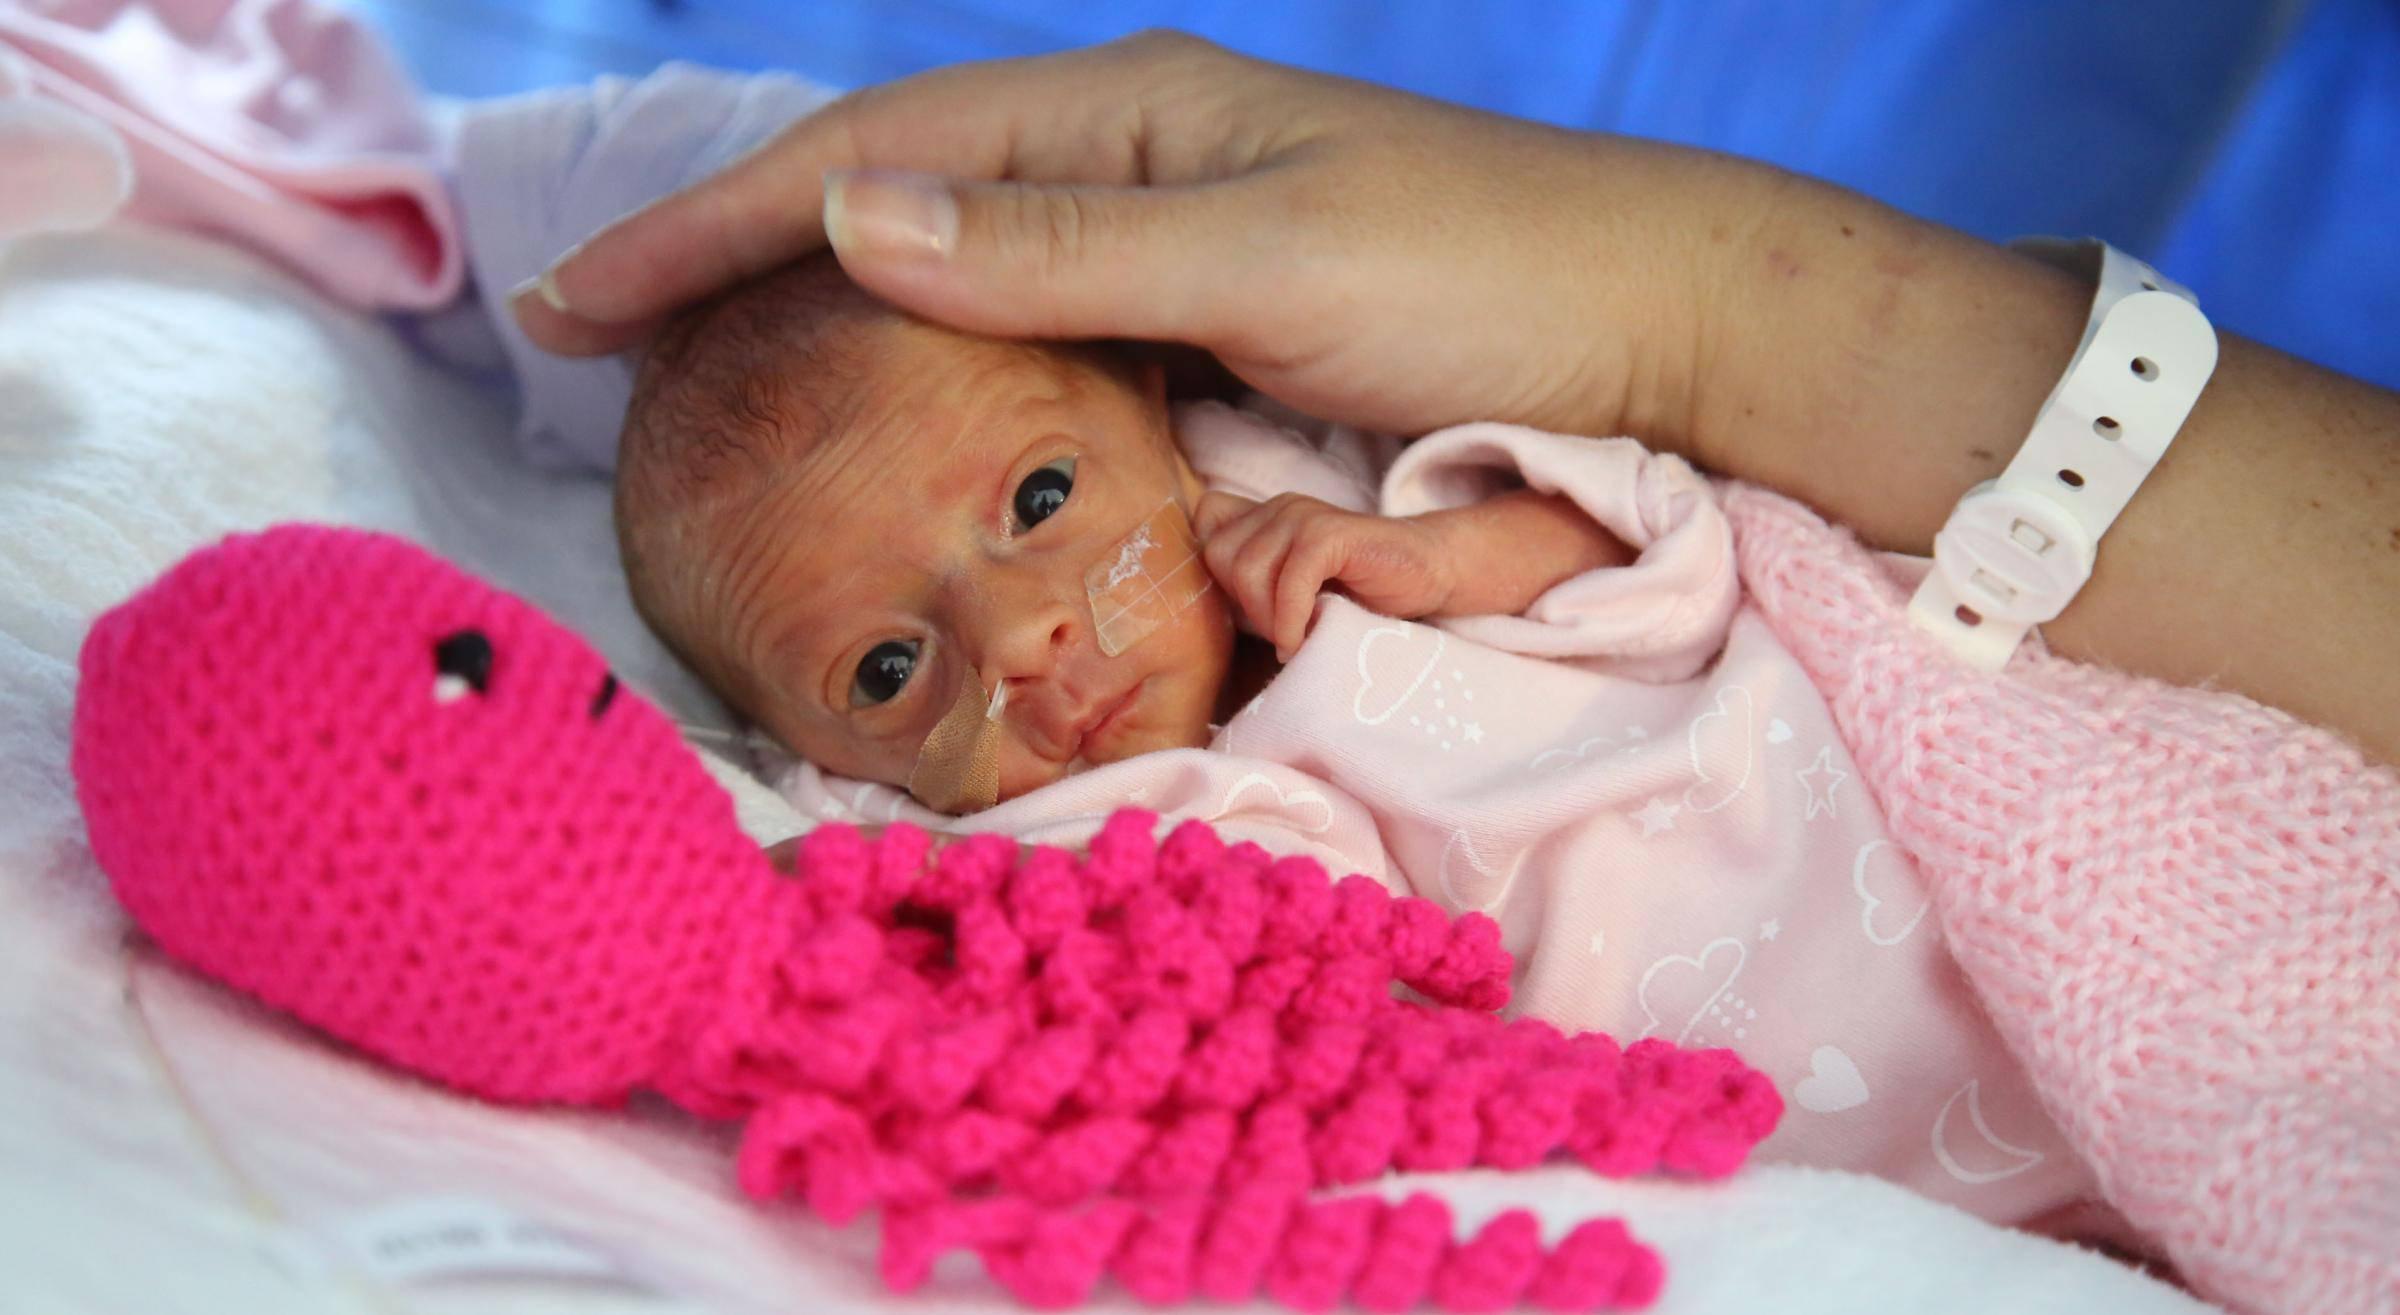 Il polpo per i neonati prematuri: l'amico che li cura (FOTO)